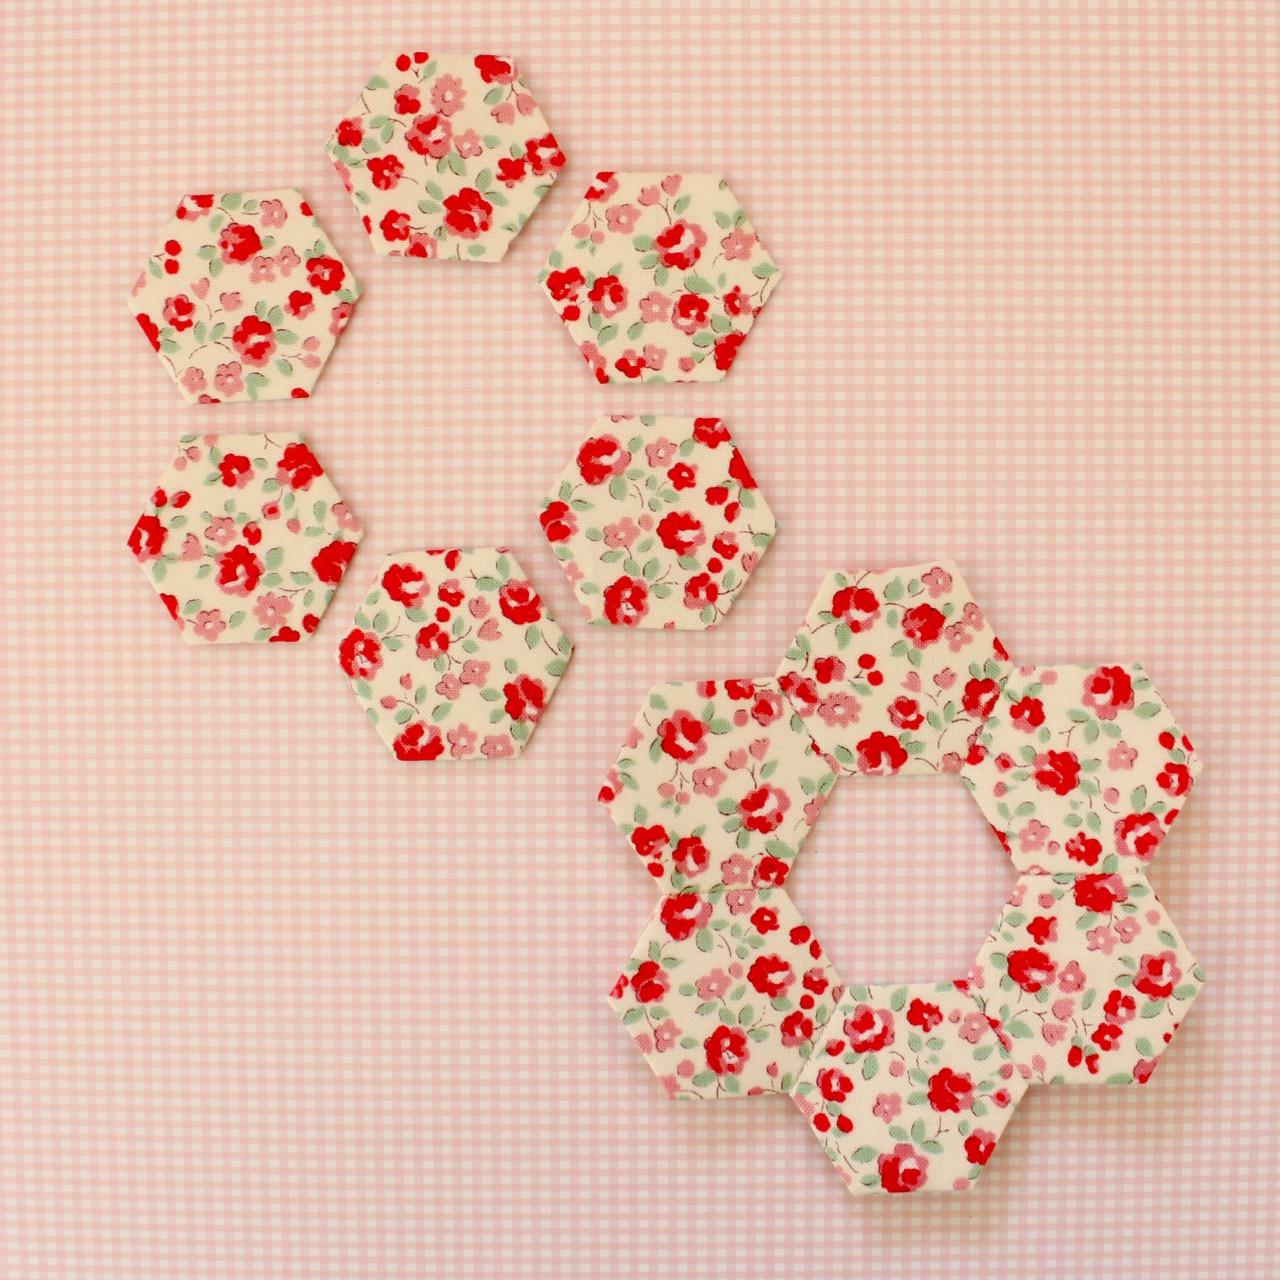 Make twelve hexagons